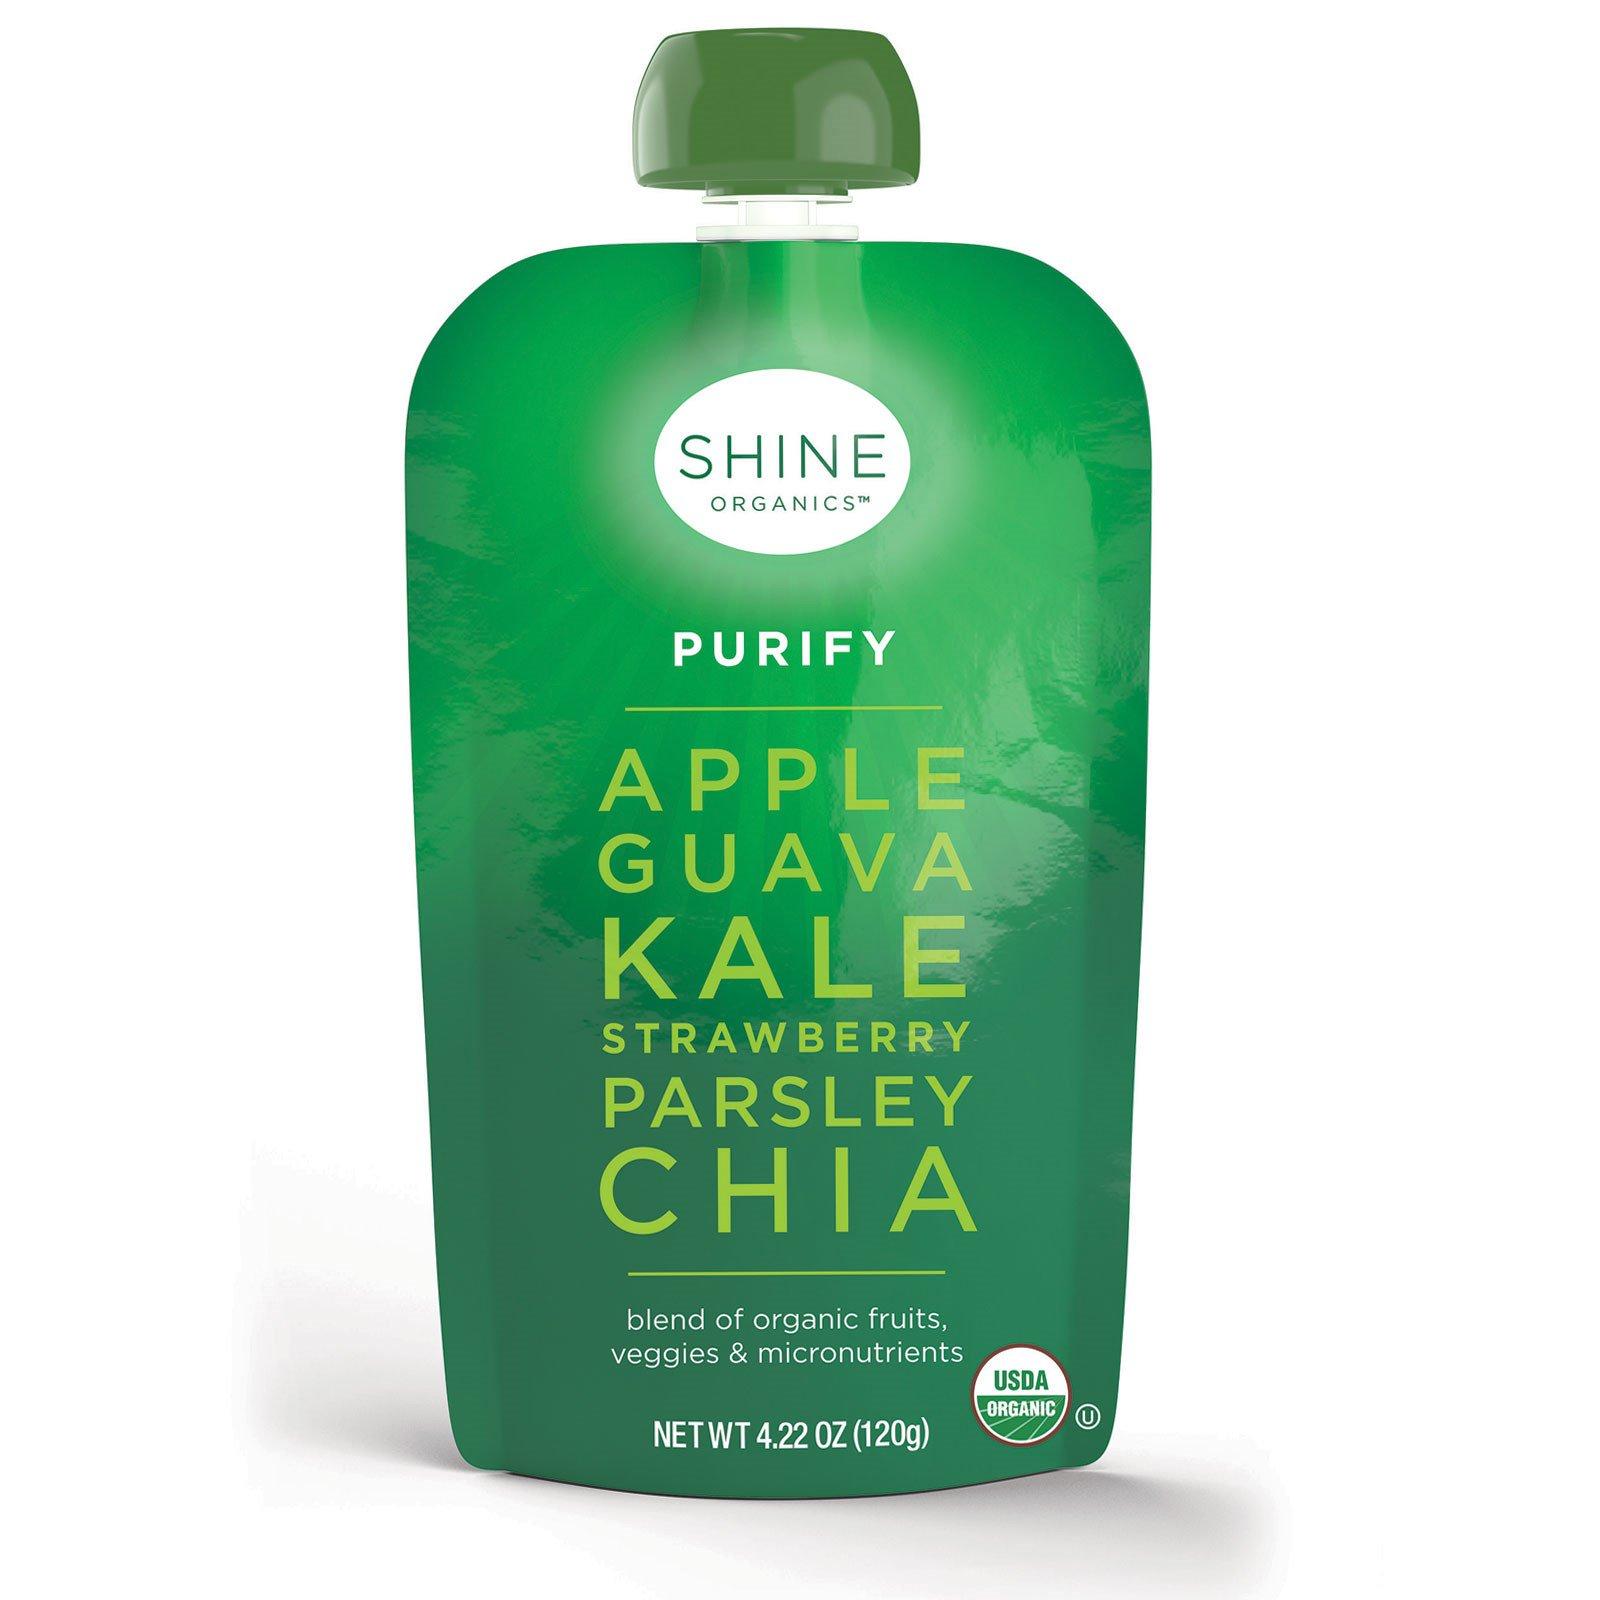 SHINE Organics, Очищение, яблоко, гуава, капуста, клубника, петрушка, чиа, 4 упаковки, по 4,22 унции (120 г) в каждой